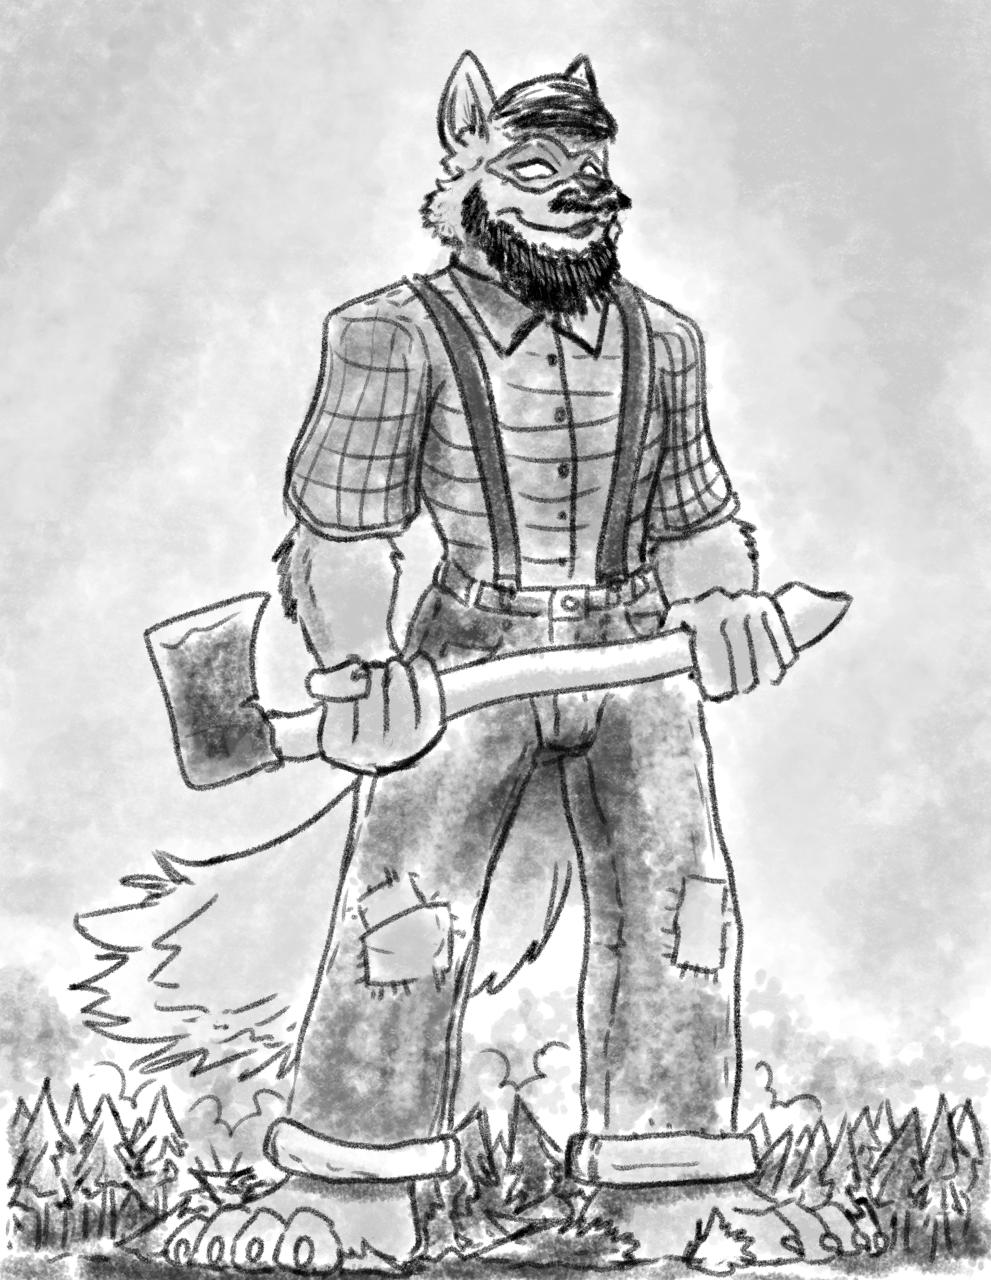 KD's a Lumberjack...